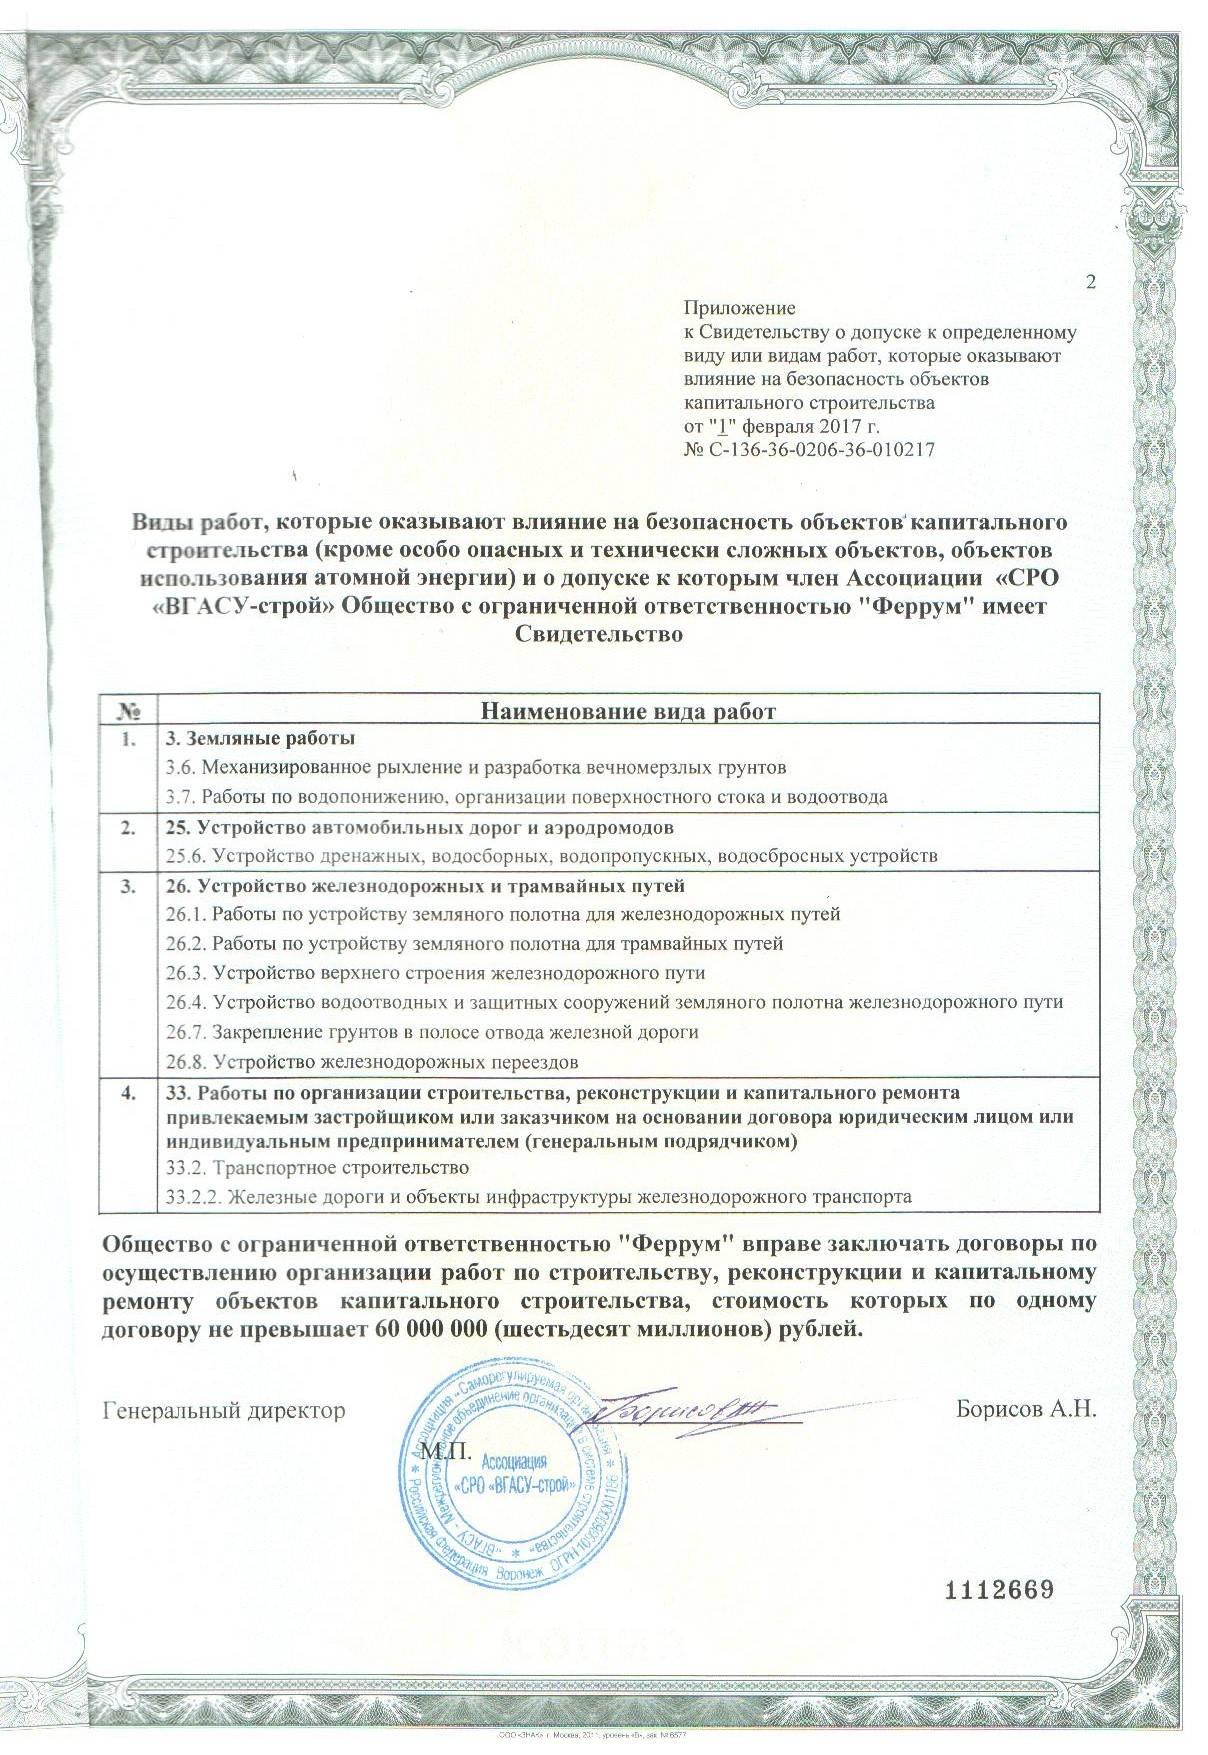 Скан СРО НП ВГАСУ страница №2